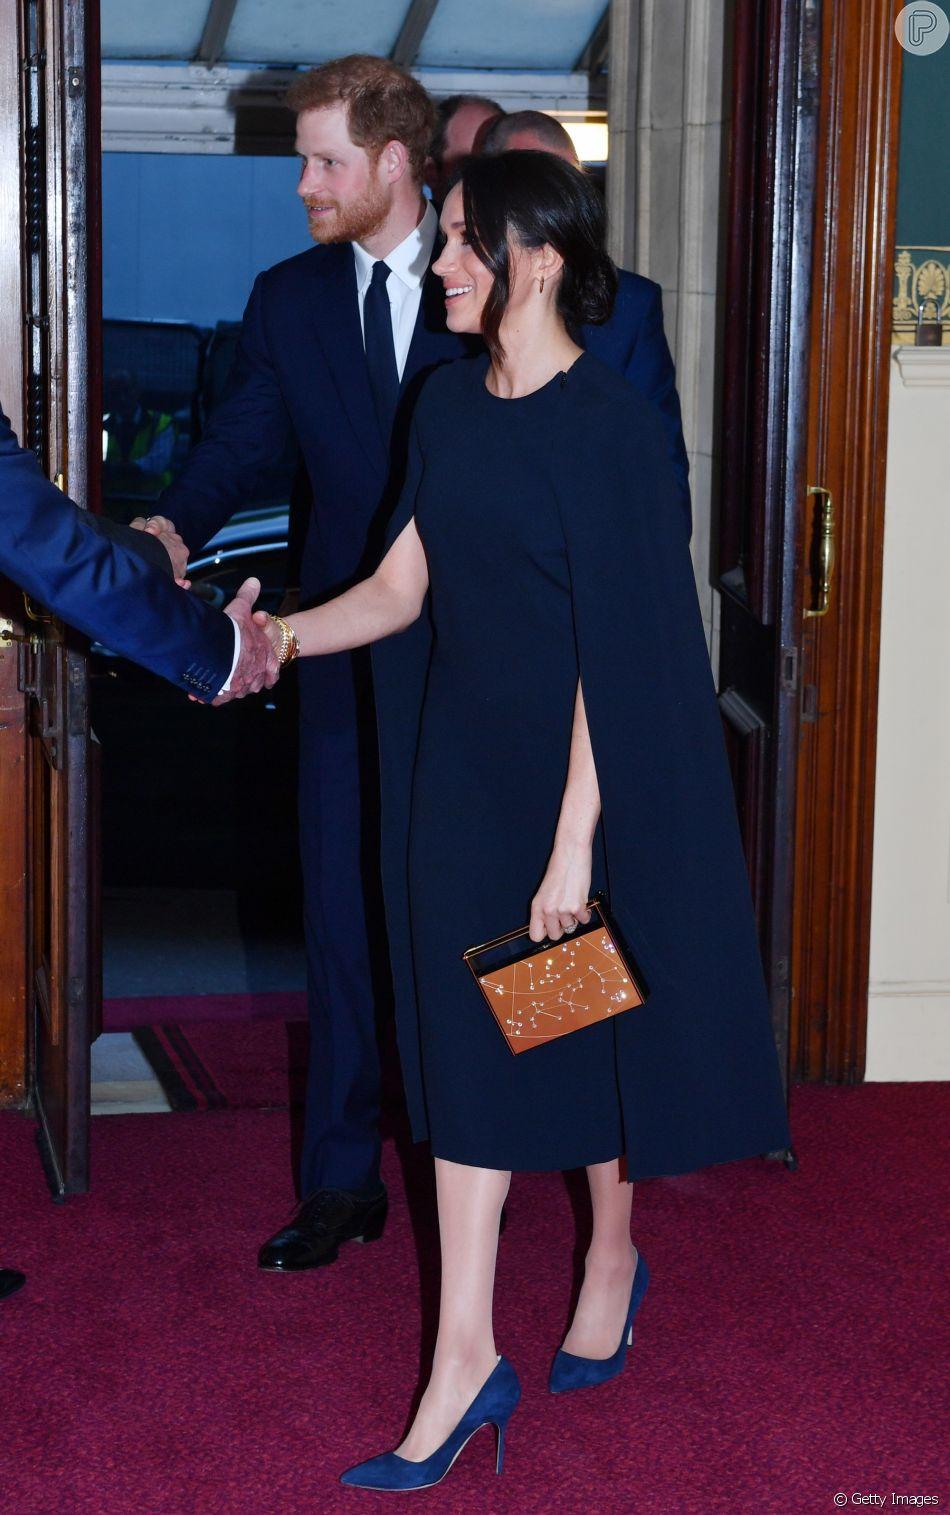 Para a ocasião, Meghan Markle apostou em vestido azul-marinho com capa da  grife Stella McCartney com sapatos azuis Manolo Blahnik e clutch dourada  Naeem ... ddded310f4